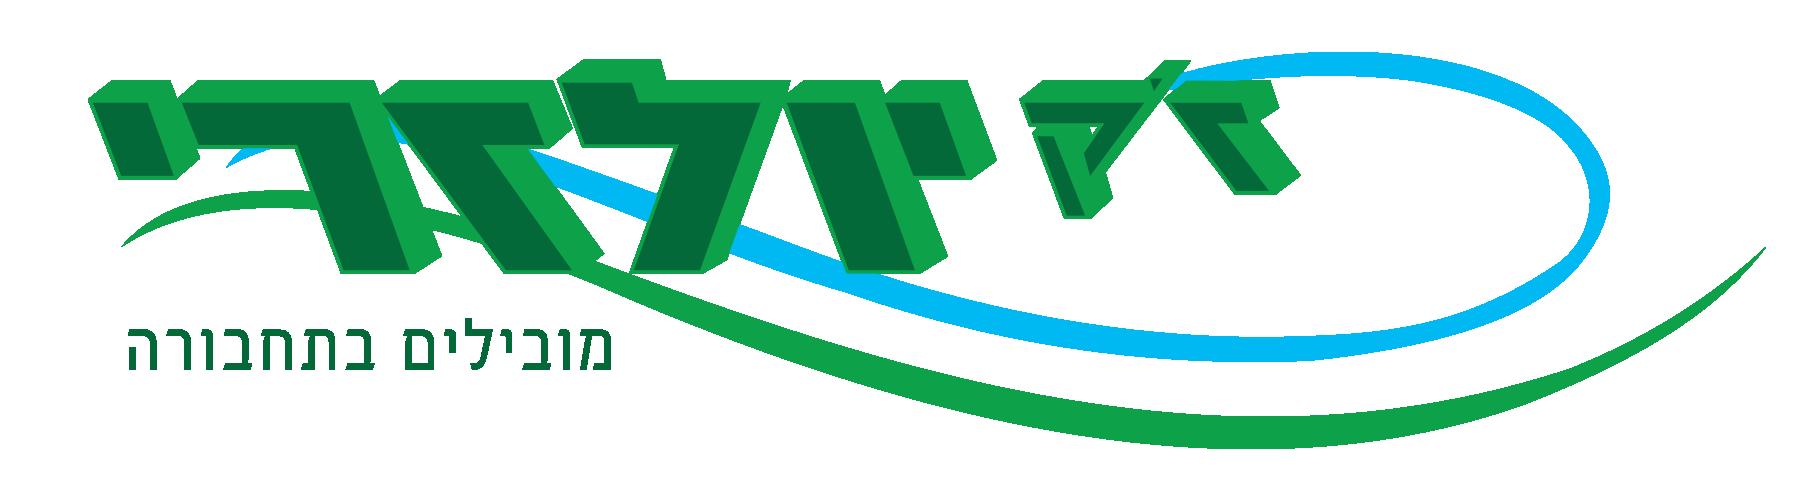 yulzari_logo_2017_shakoof